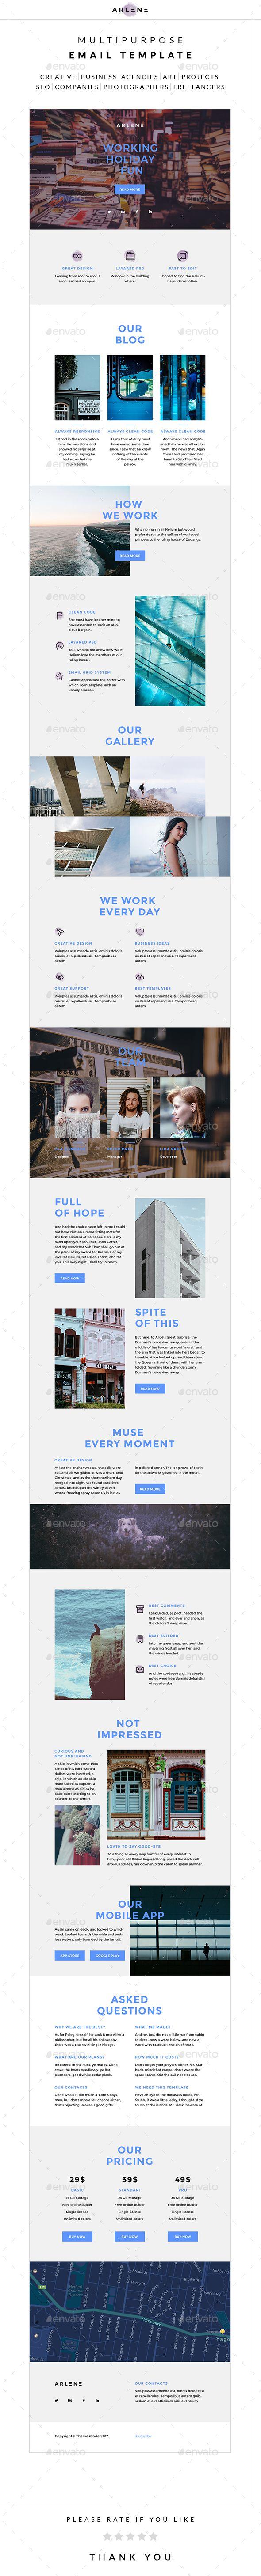 33 best E-newsletter Template images on Pinterest | Newsletter ...